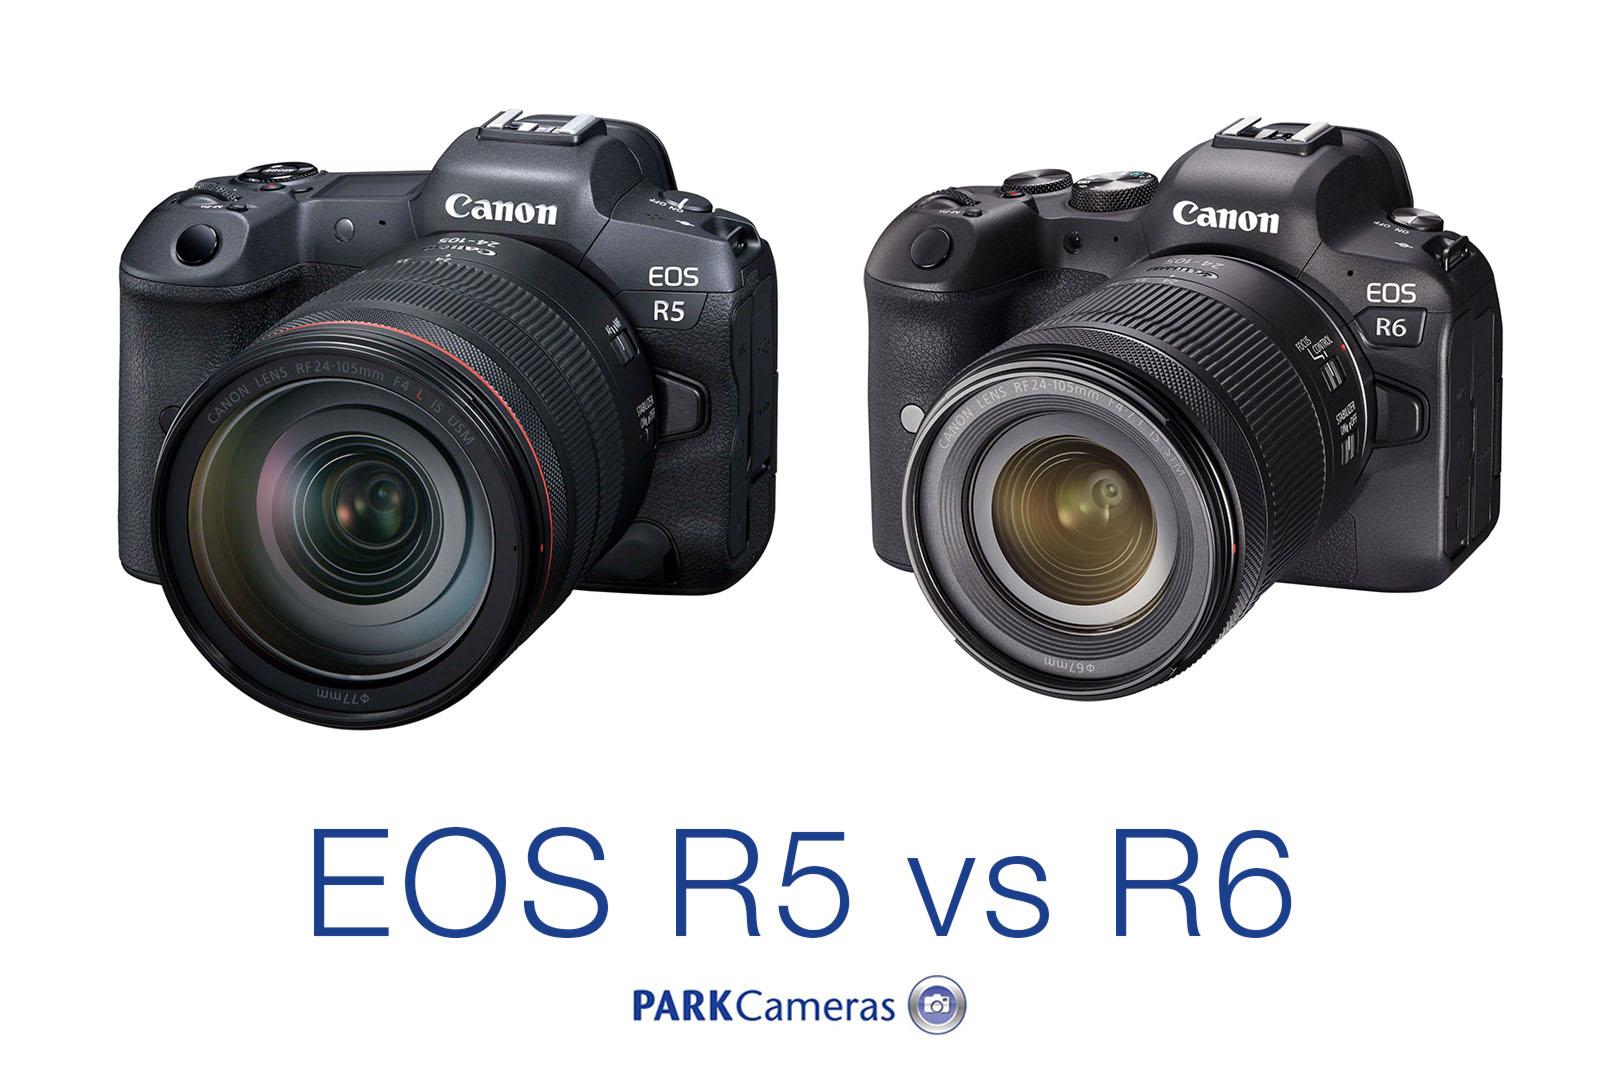 Canon EOS R5 and R6 compared